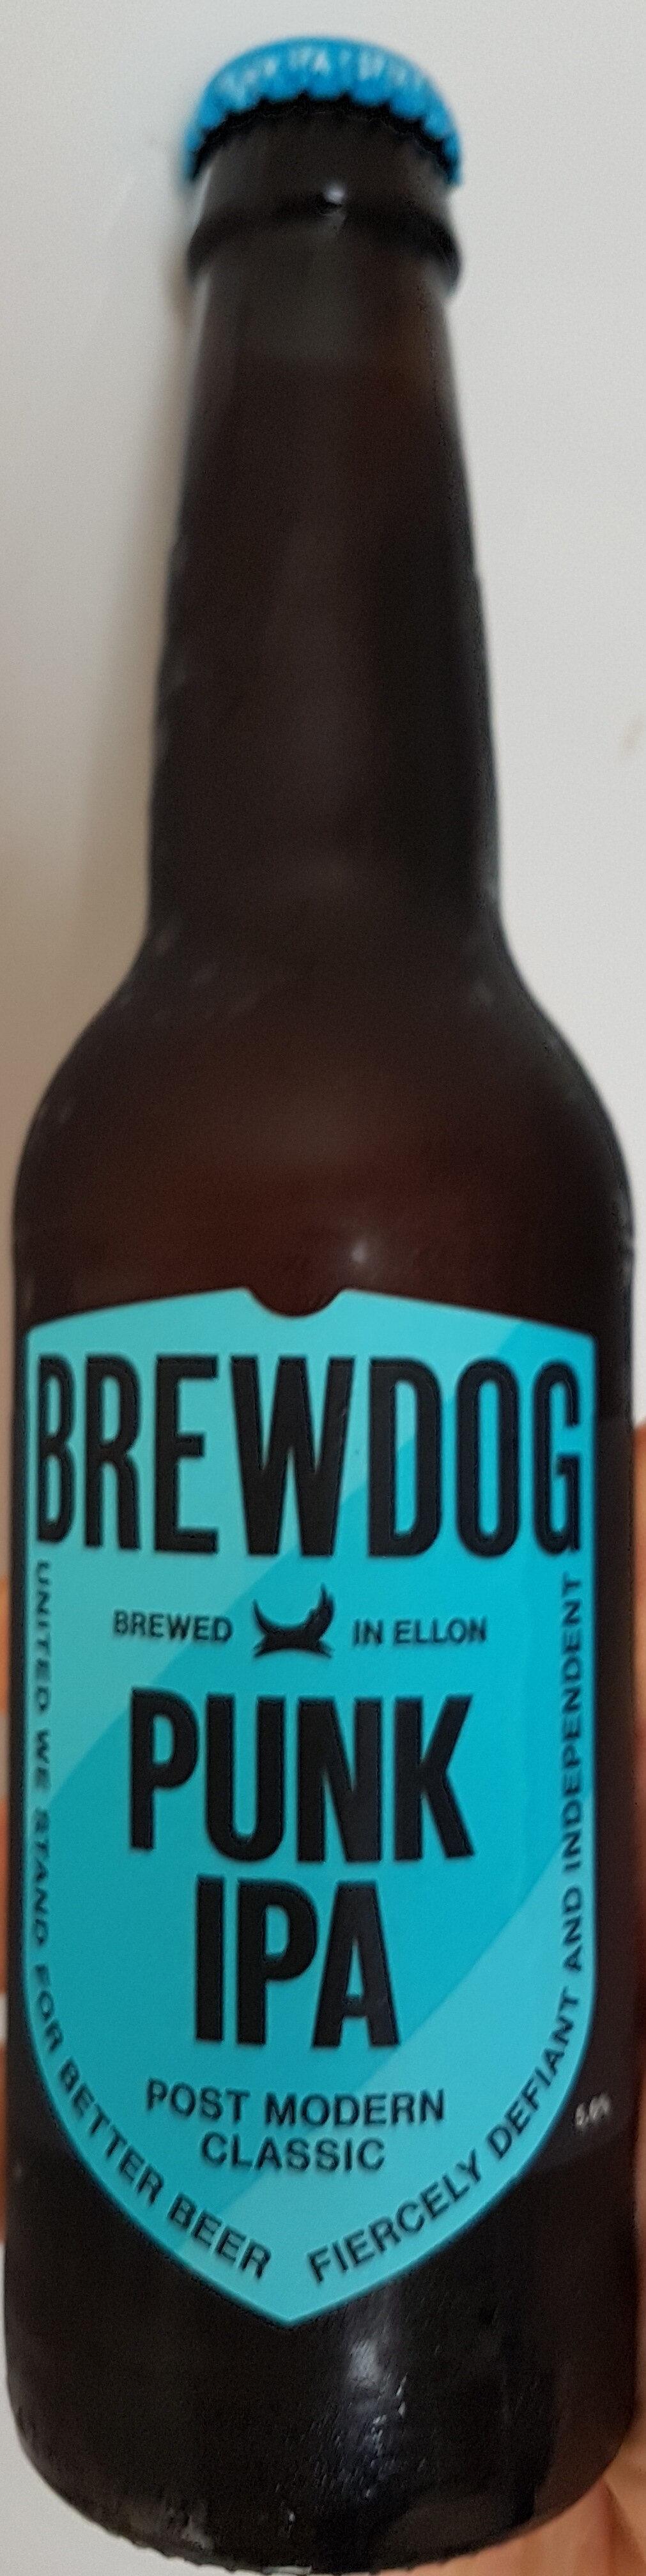 Brewdog - Produit - en